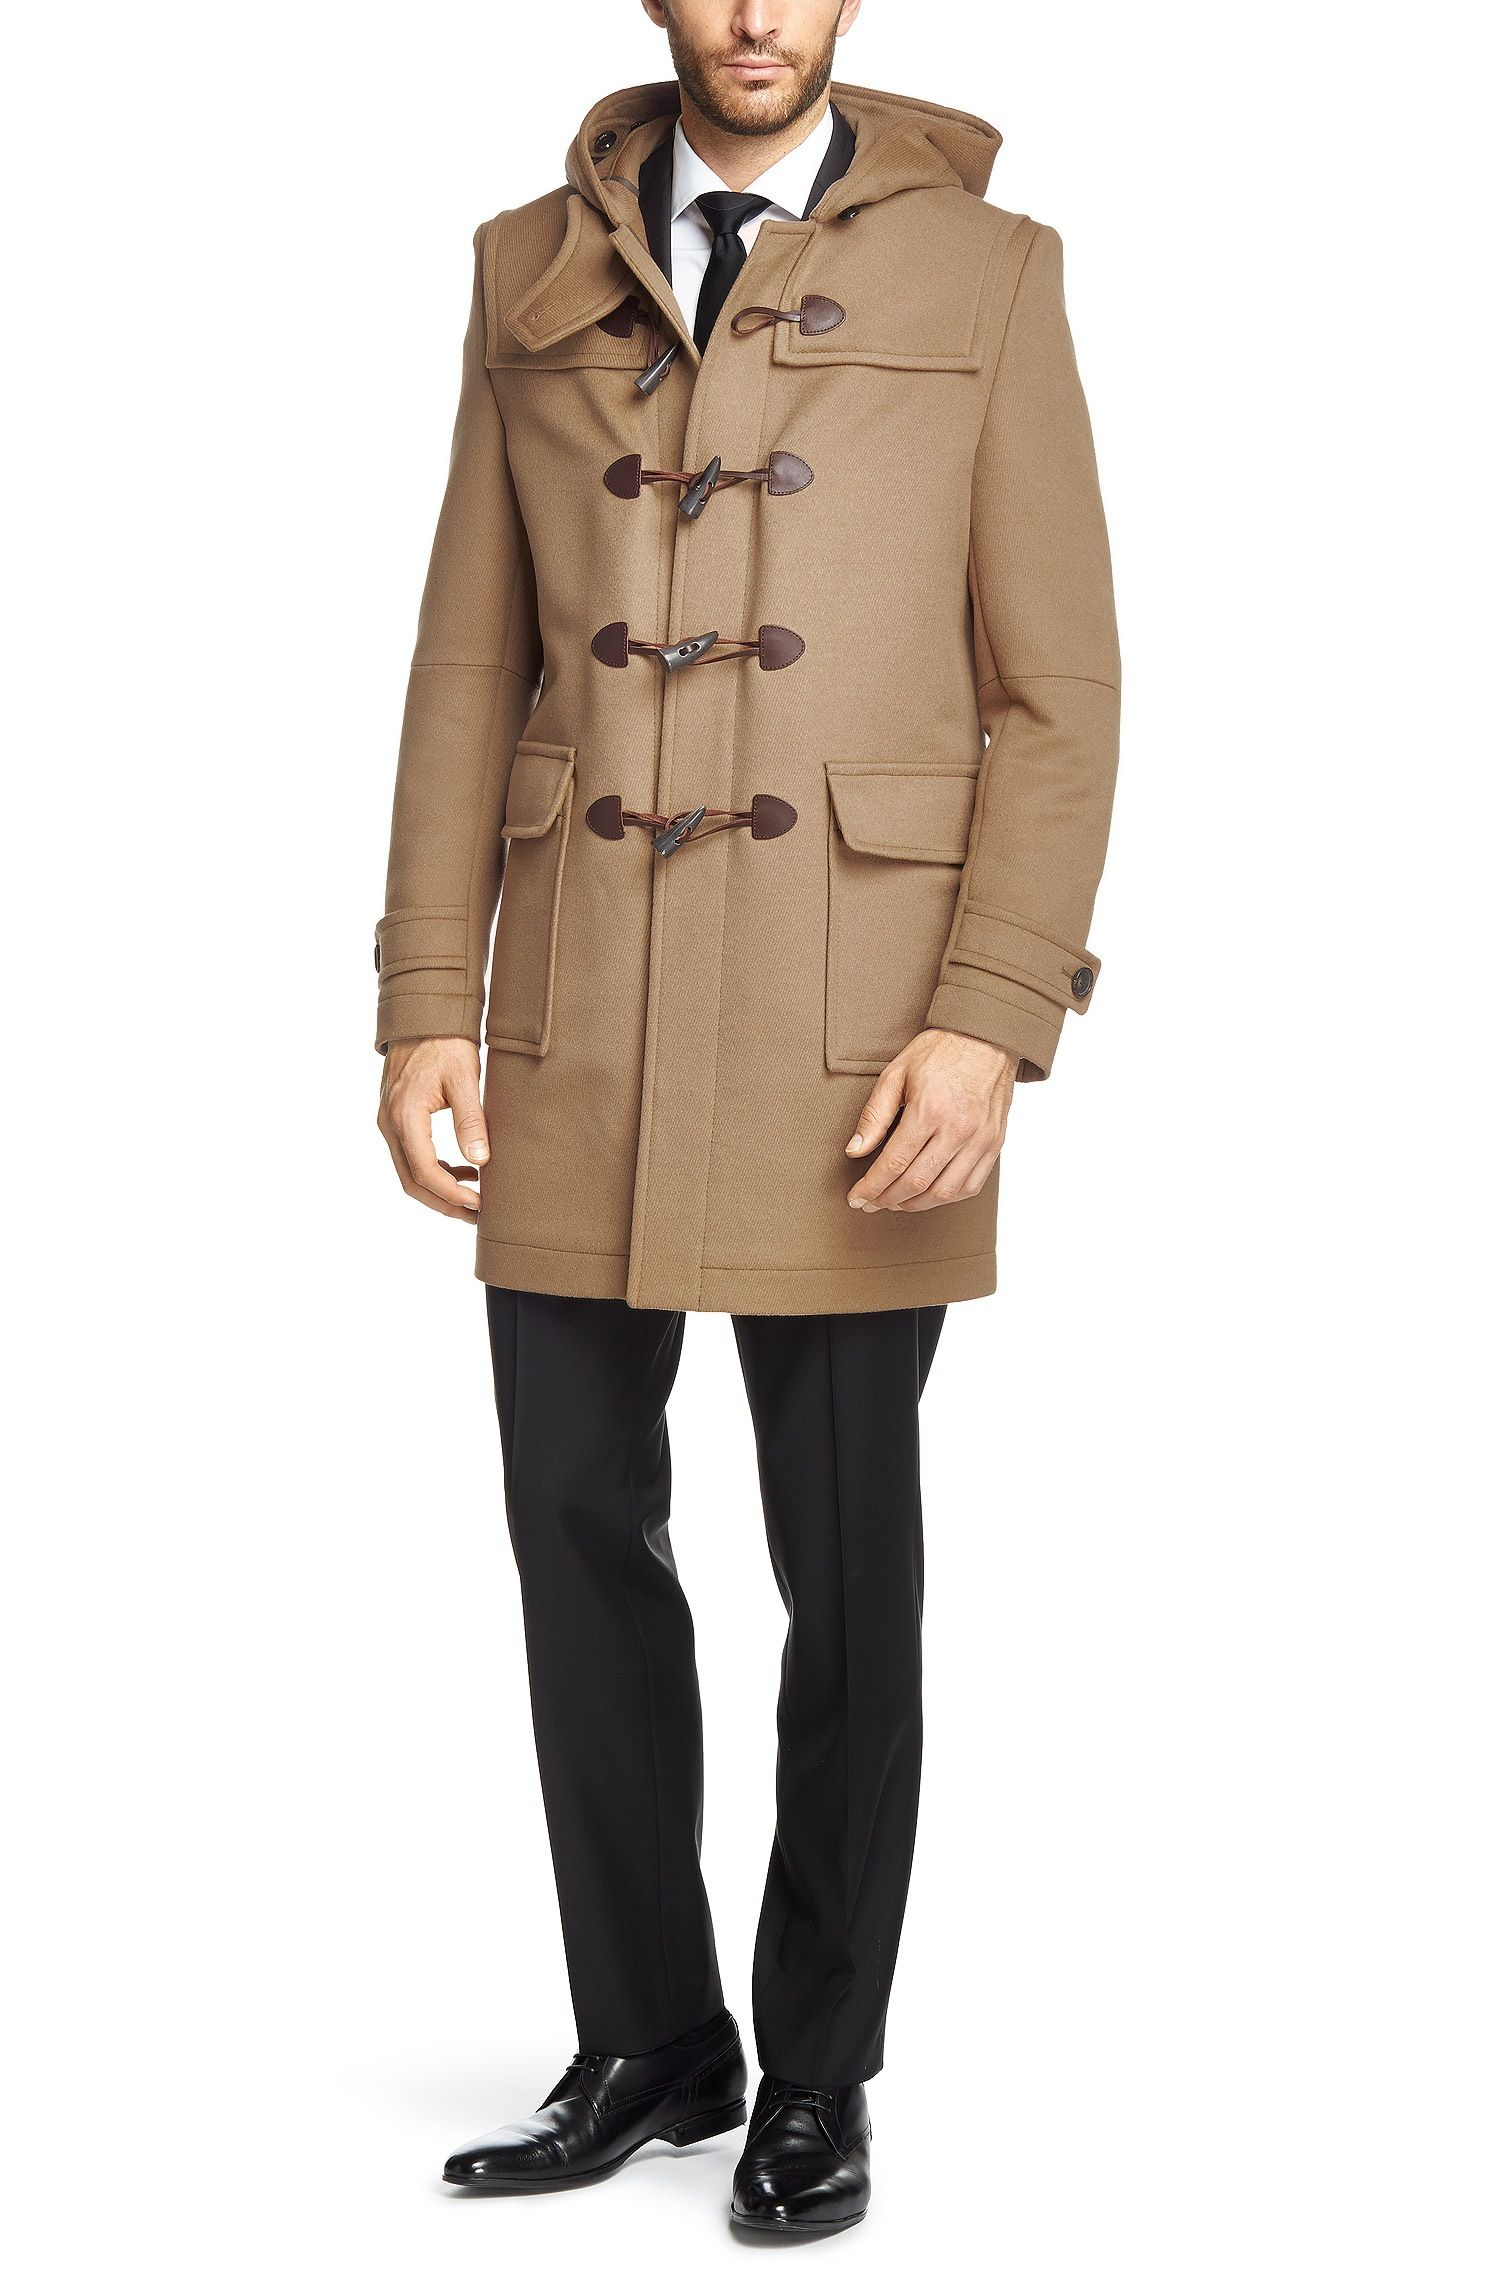 Duffle-coat Homme Hugo Boss, achat BOSS Duffle-coat uni Devon en poil de  chameau mélangé prix promo Hugo Boss 895.00 € TTC 64486855cbf7